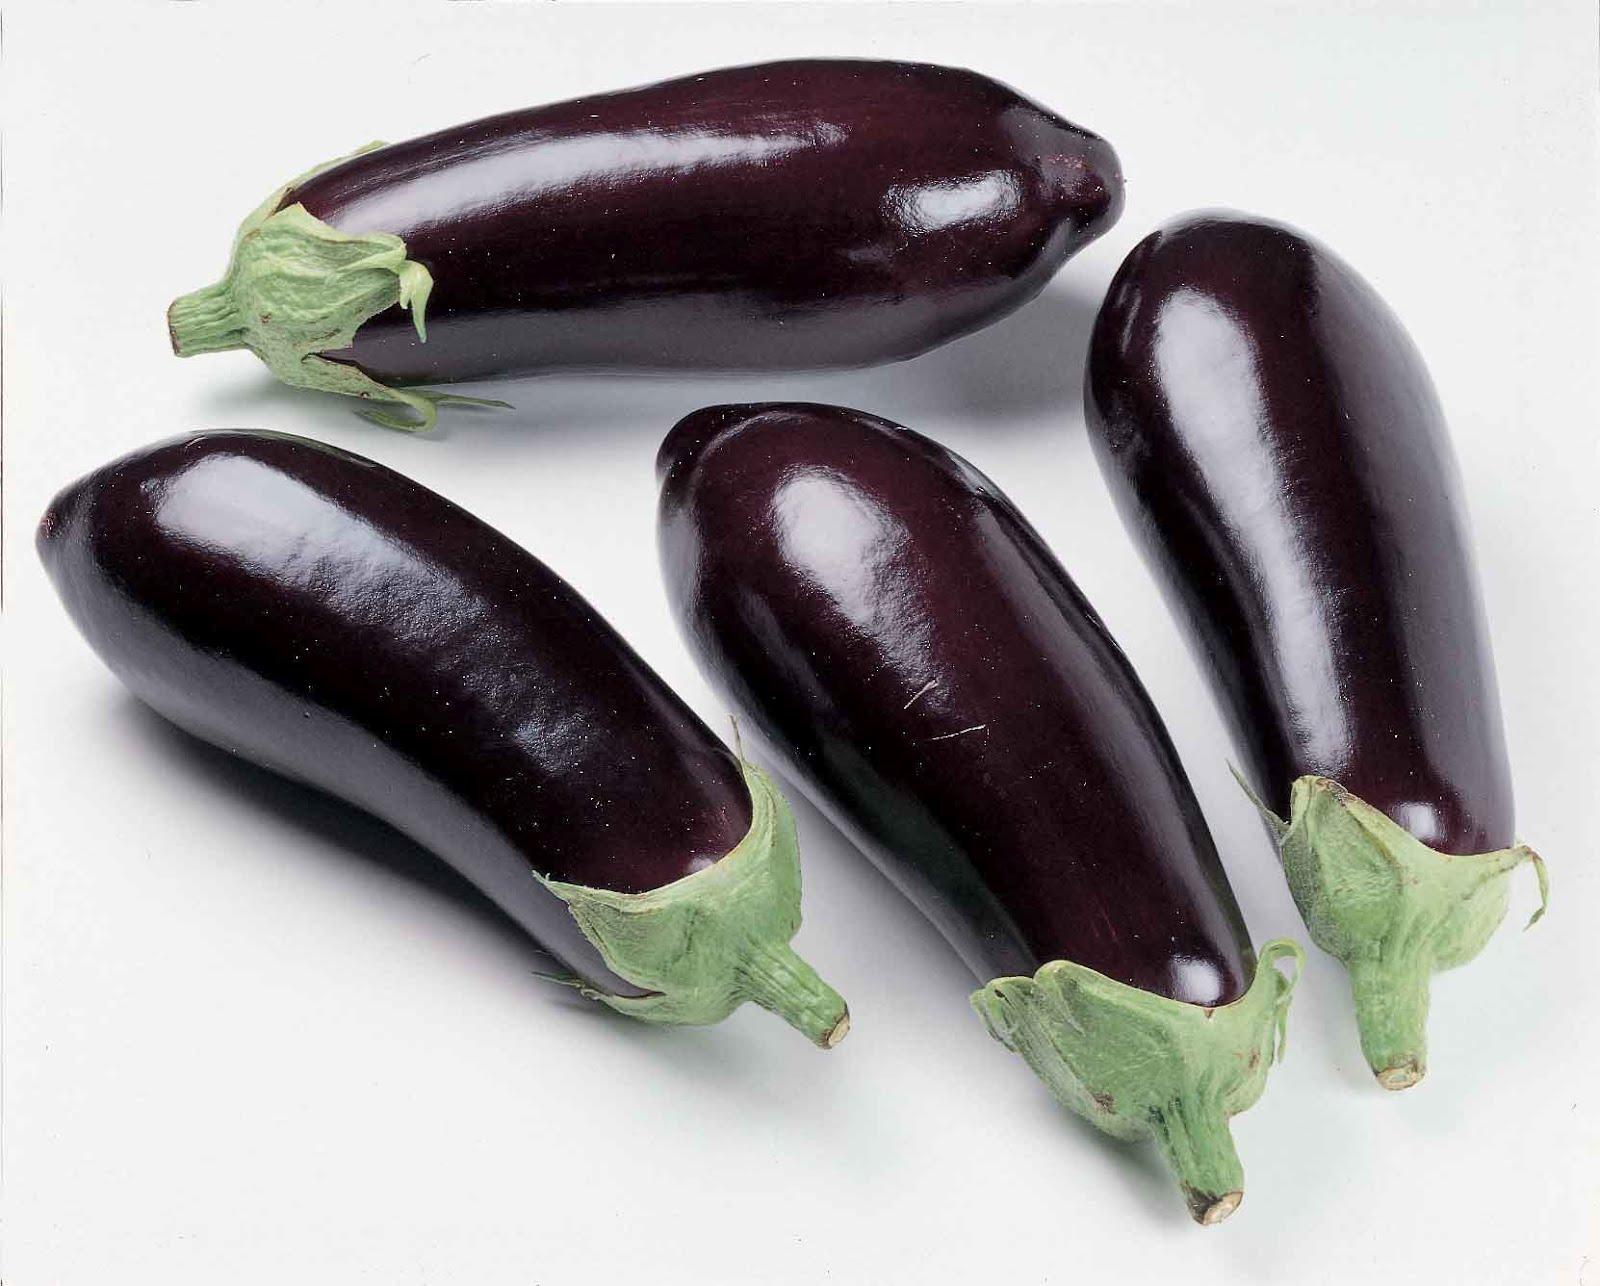 Basur patlıcan tedavisi işe yarıyor mu